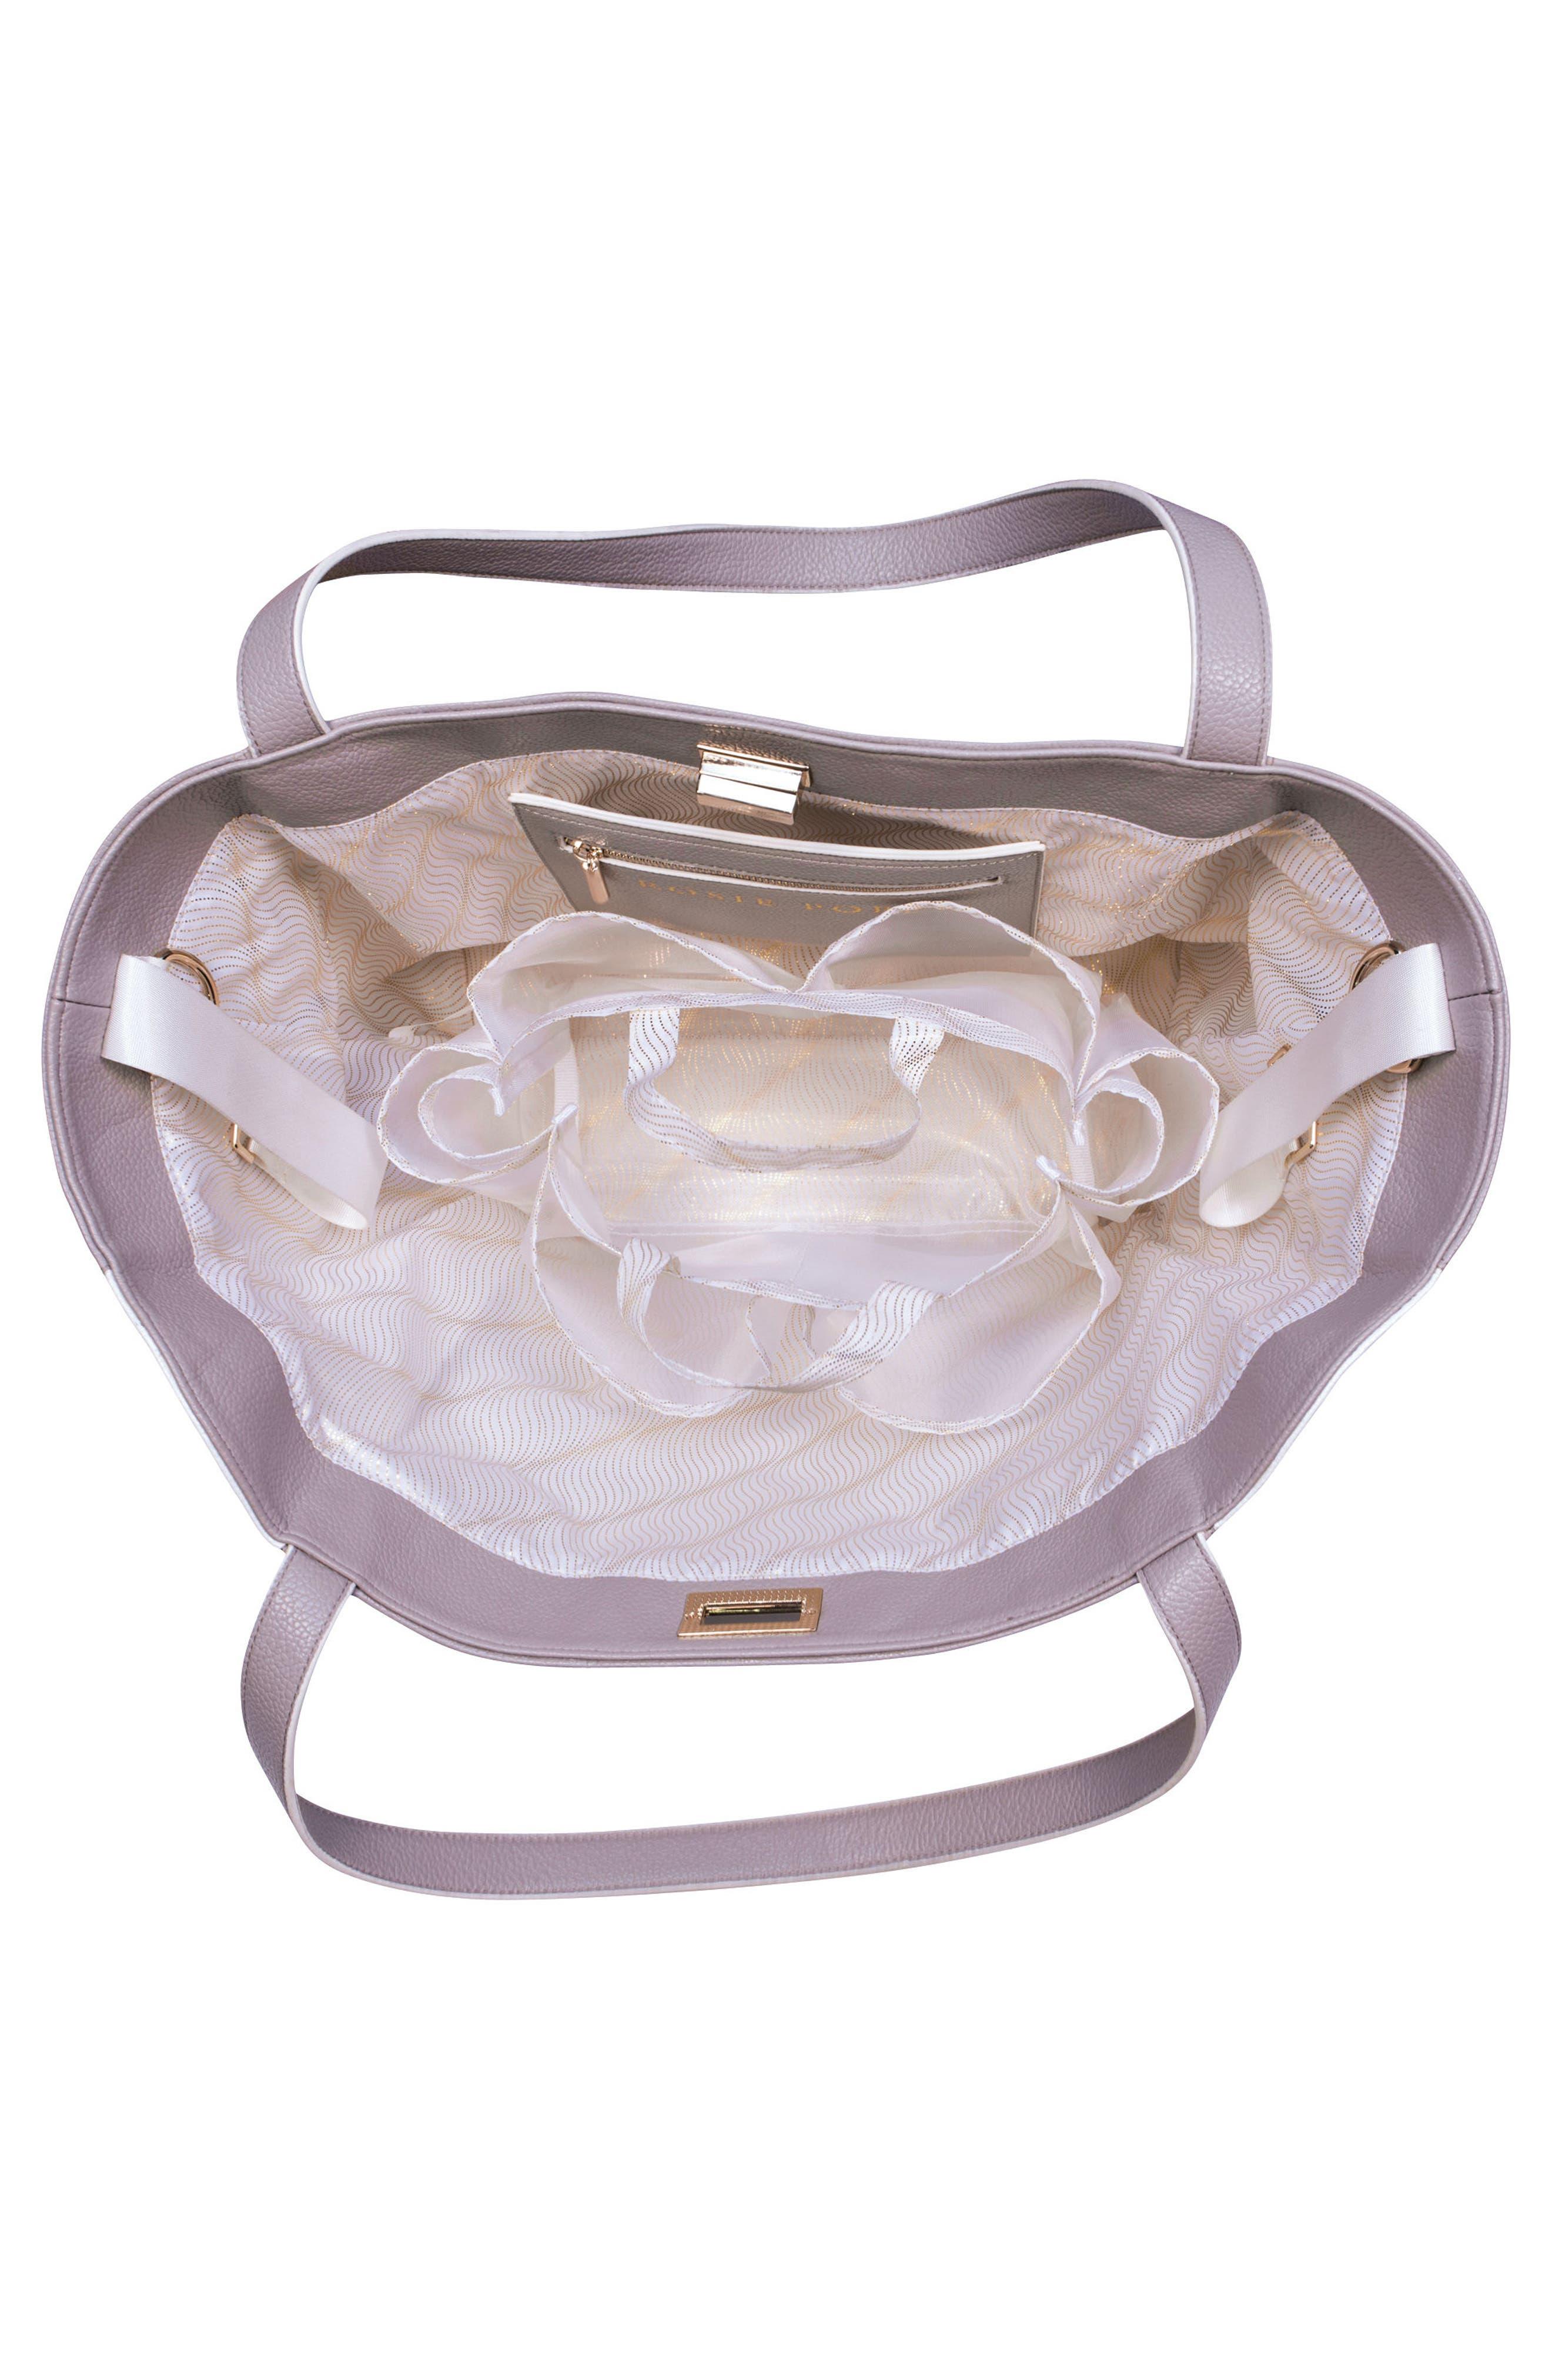 Sloane Diaper Bag,                             Alternate thumbnail 4, color,                             Neutral/ White